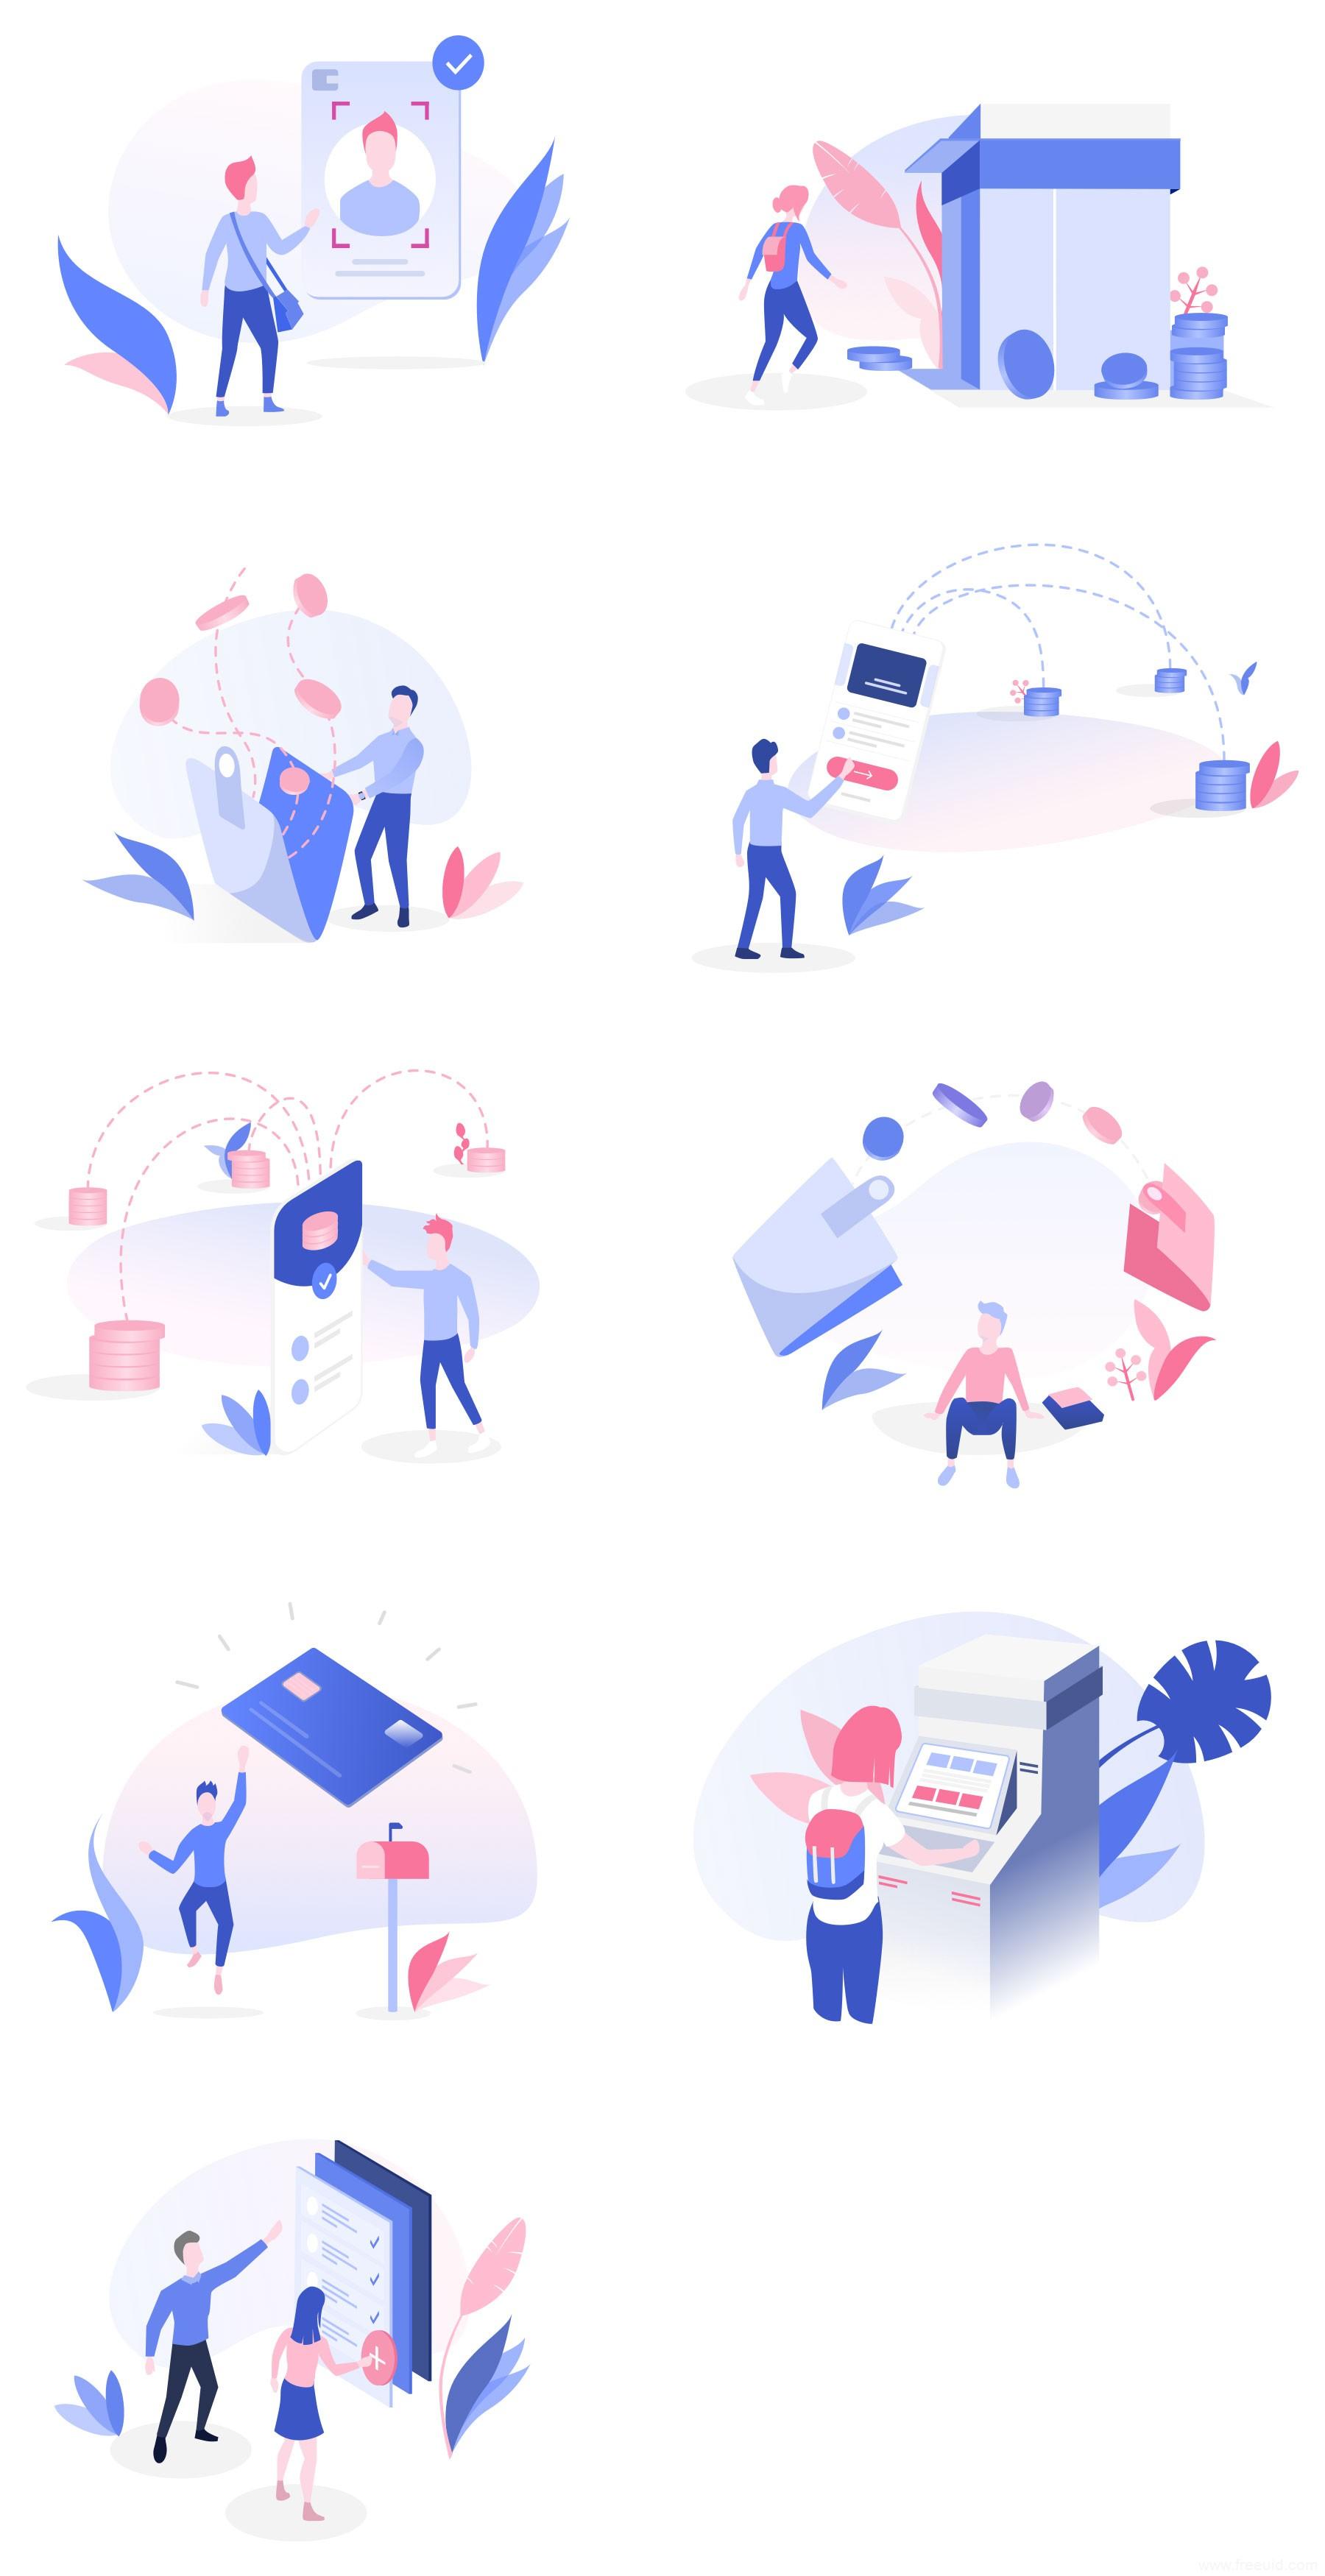 9 张金融安全元素插画,金融插画sketch下载